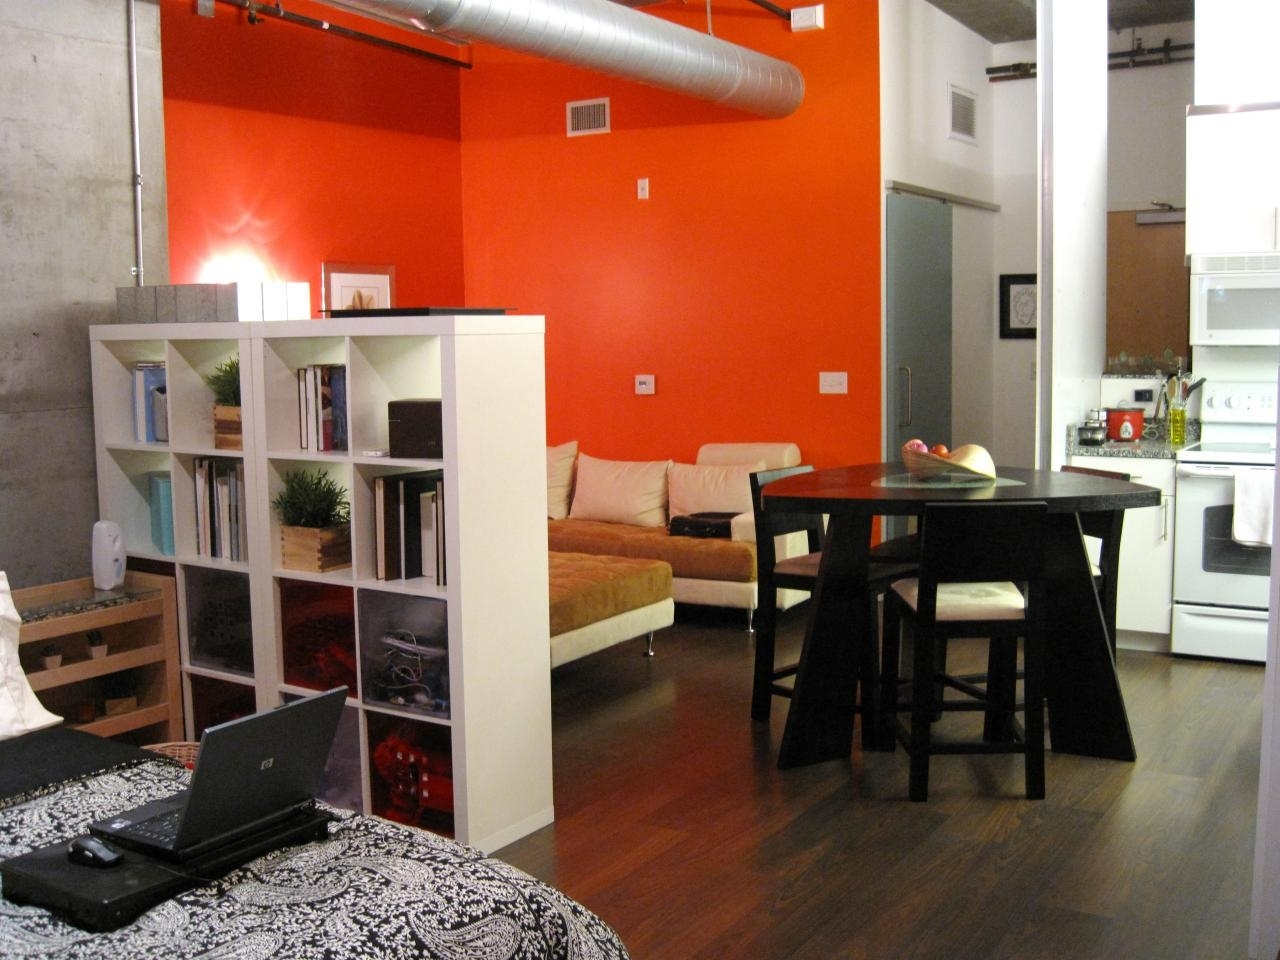 12 design ideas for your studio apartment   hgtv's decorating